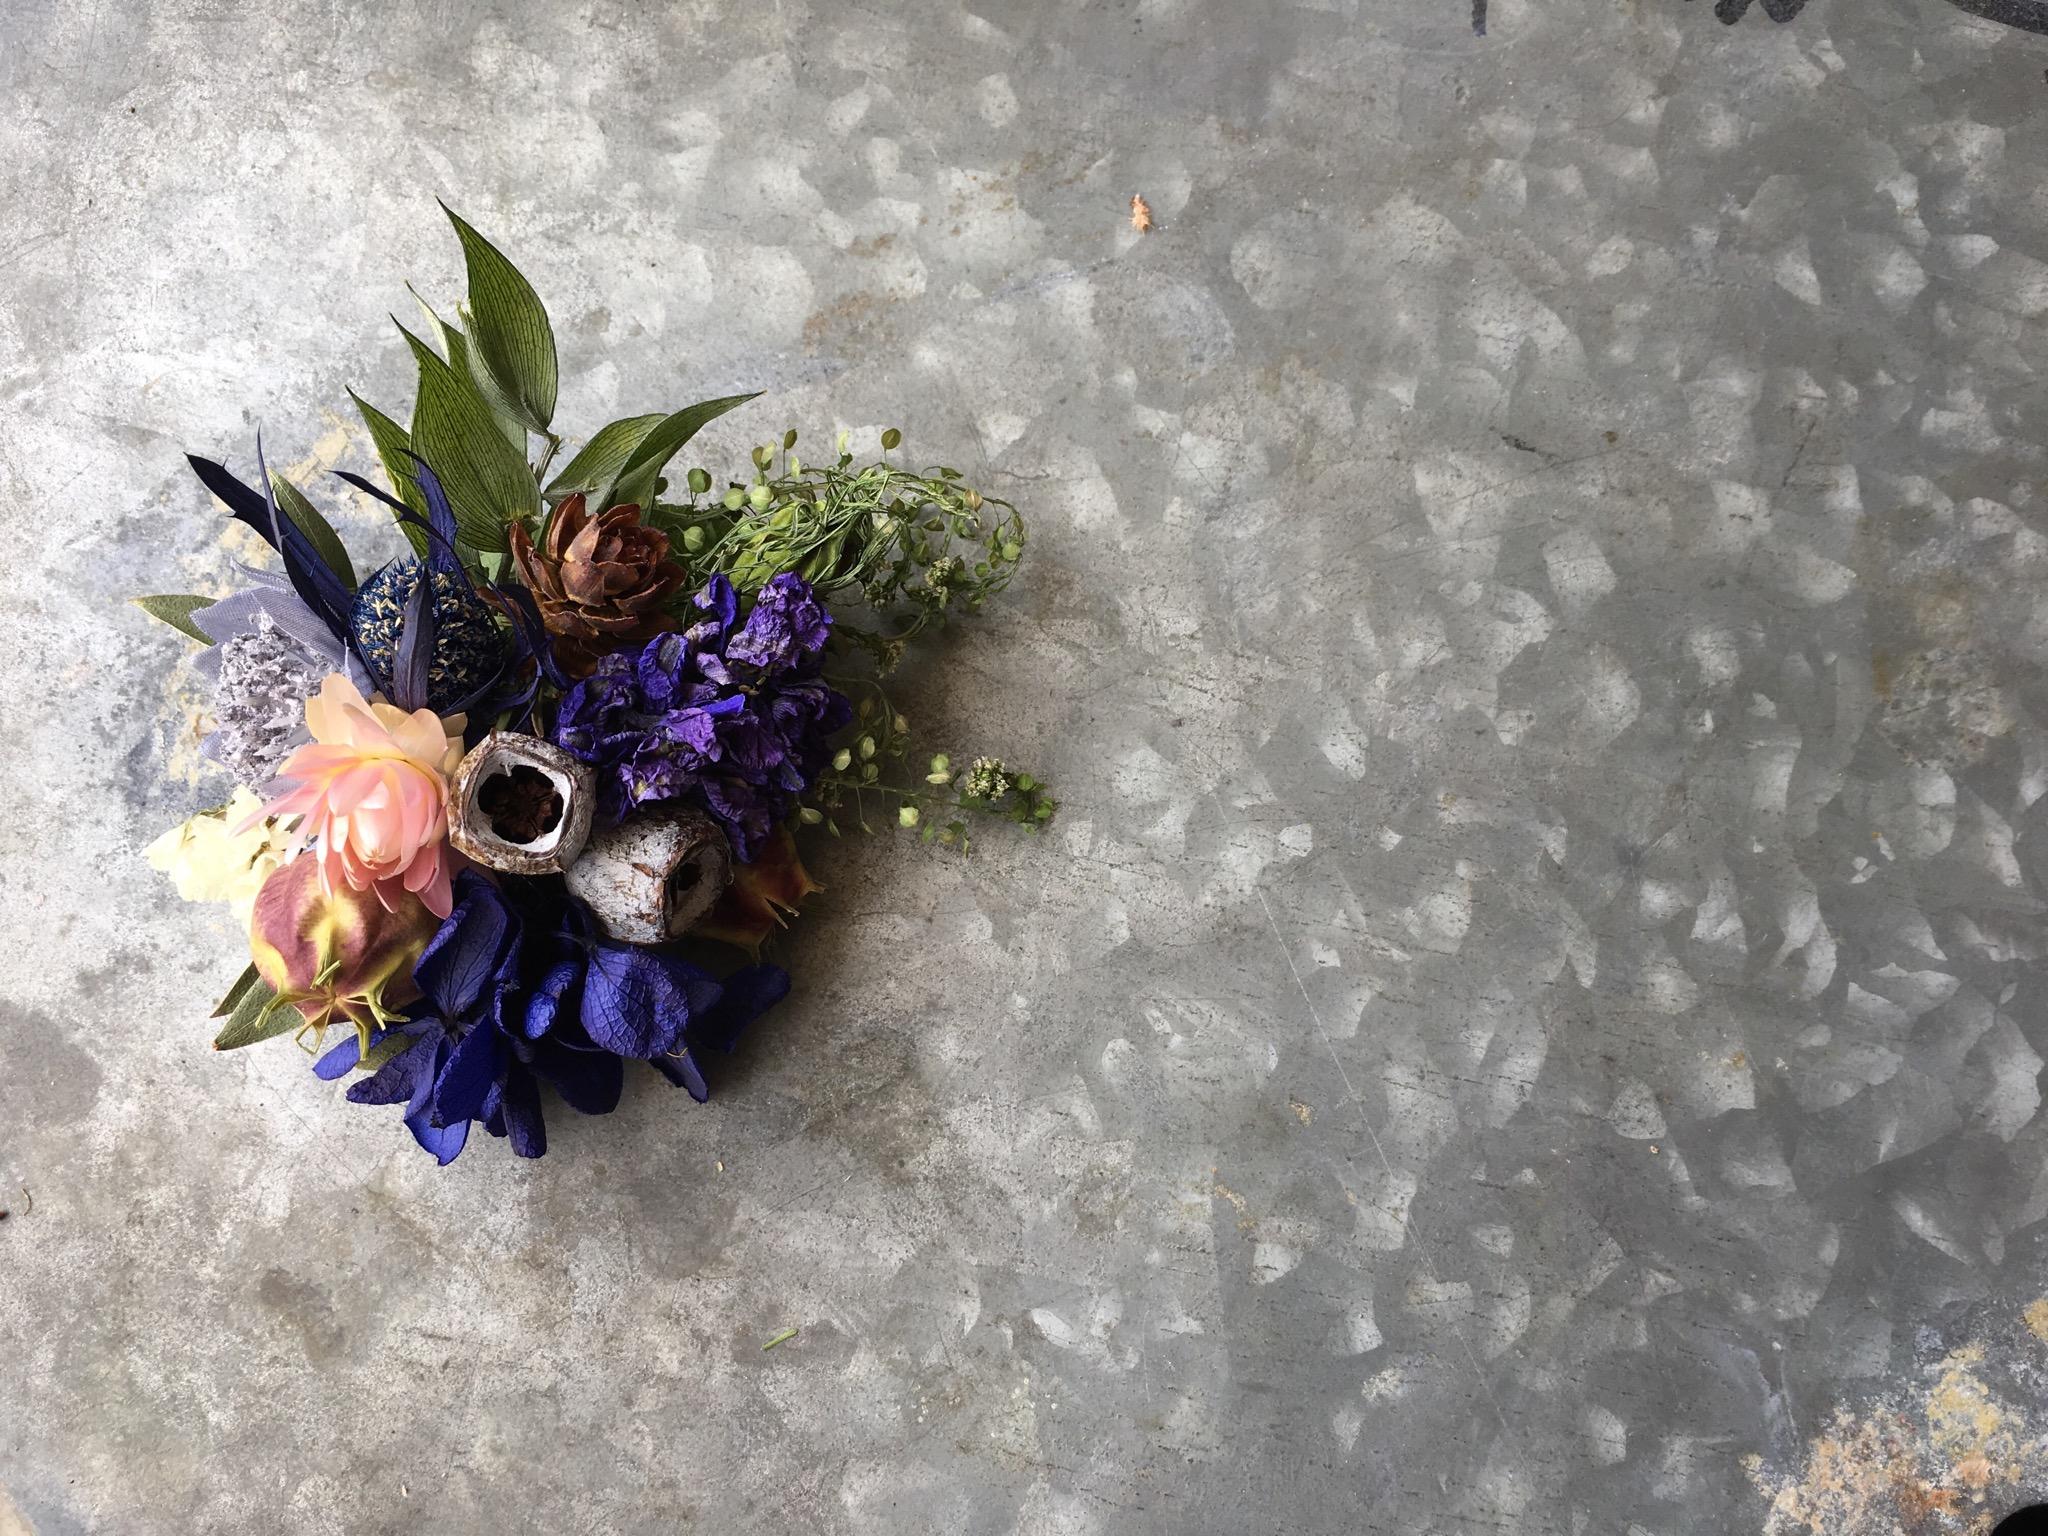 新潟市のフラワーショップ|お気に入りのお花屋さんはらいおん堂にお越しください